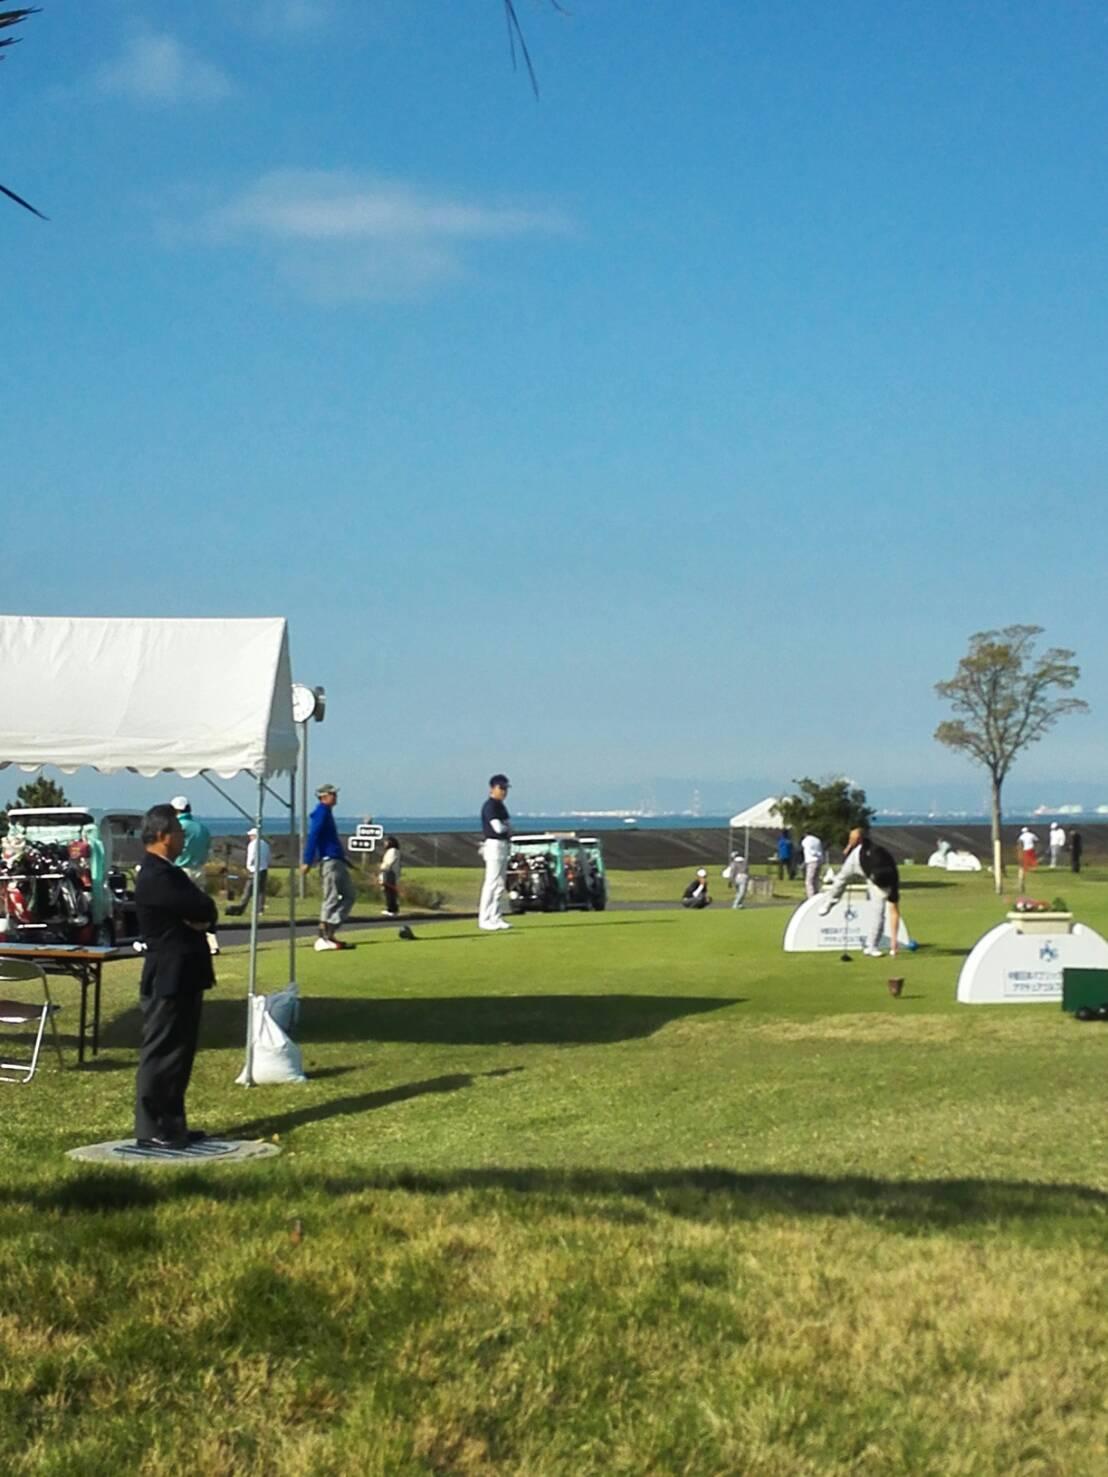 ゴルフ 選手権 パブリック 日本パブリックゴルフ協会主催競技の予約受付 2020 GDO主催アマチュアゴルフ競技